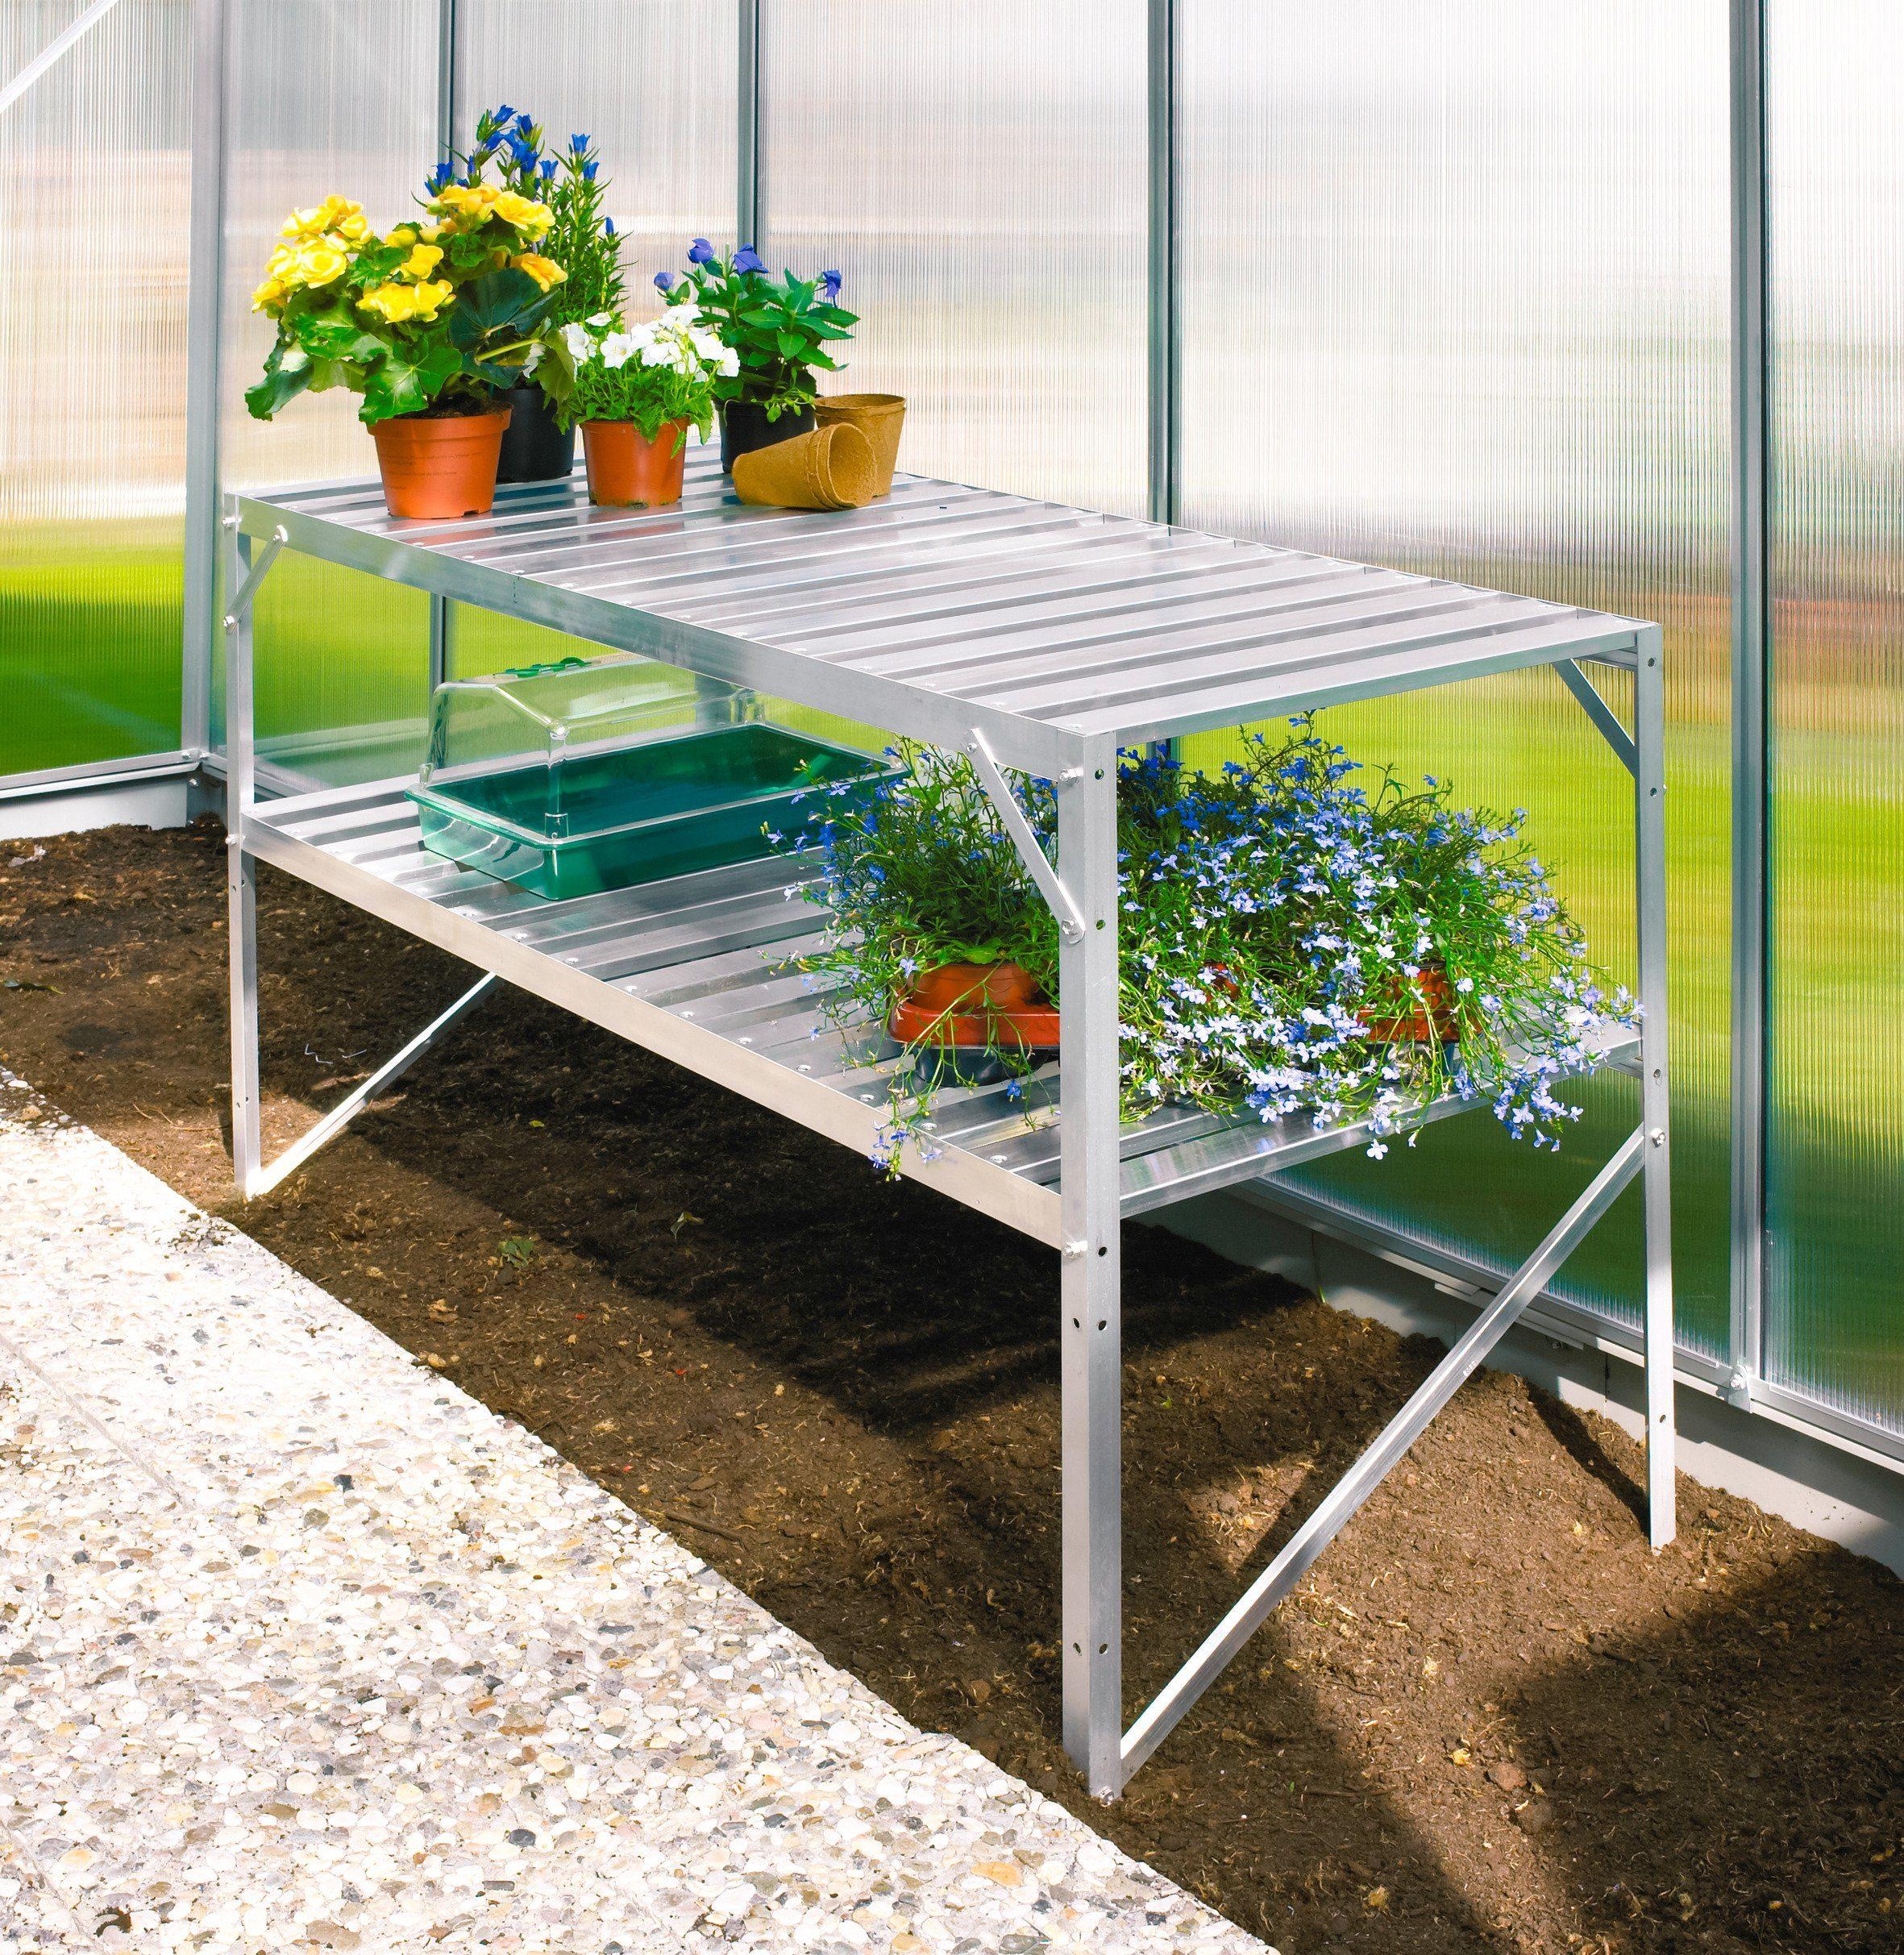 VITAVIA Tisch , für Gewächshäuser, BxTxH: 121x54x76 cm, aluminiumfarben